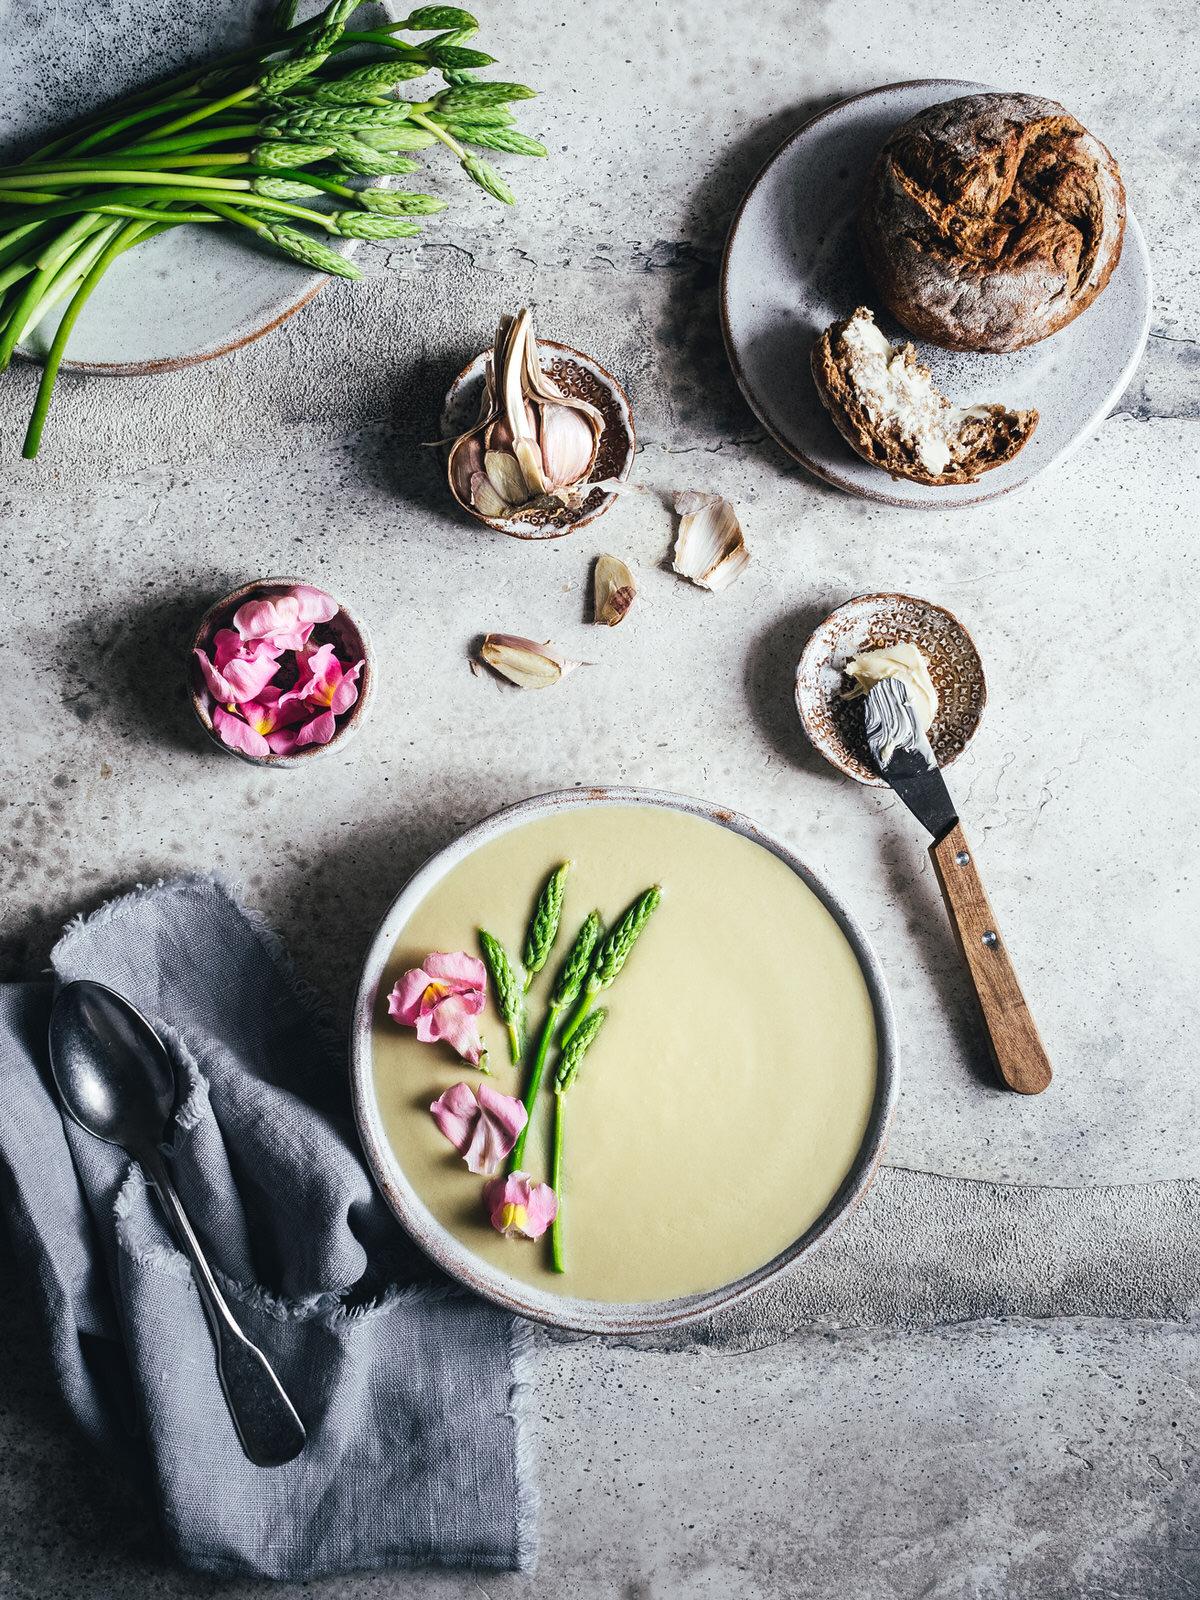 Vegane Spargelsuppe aus Spargelresten. Sattvisches Ayurveda Rezept ohne Ersatzprodukte. Mit grünem oder weißem Spargel.